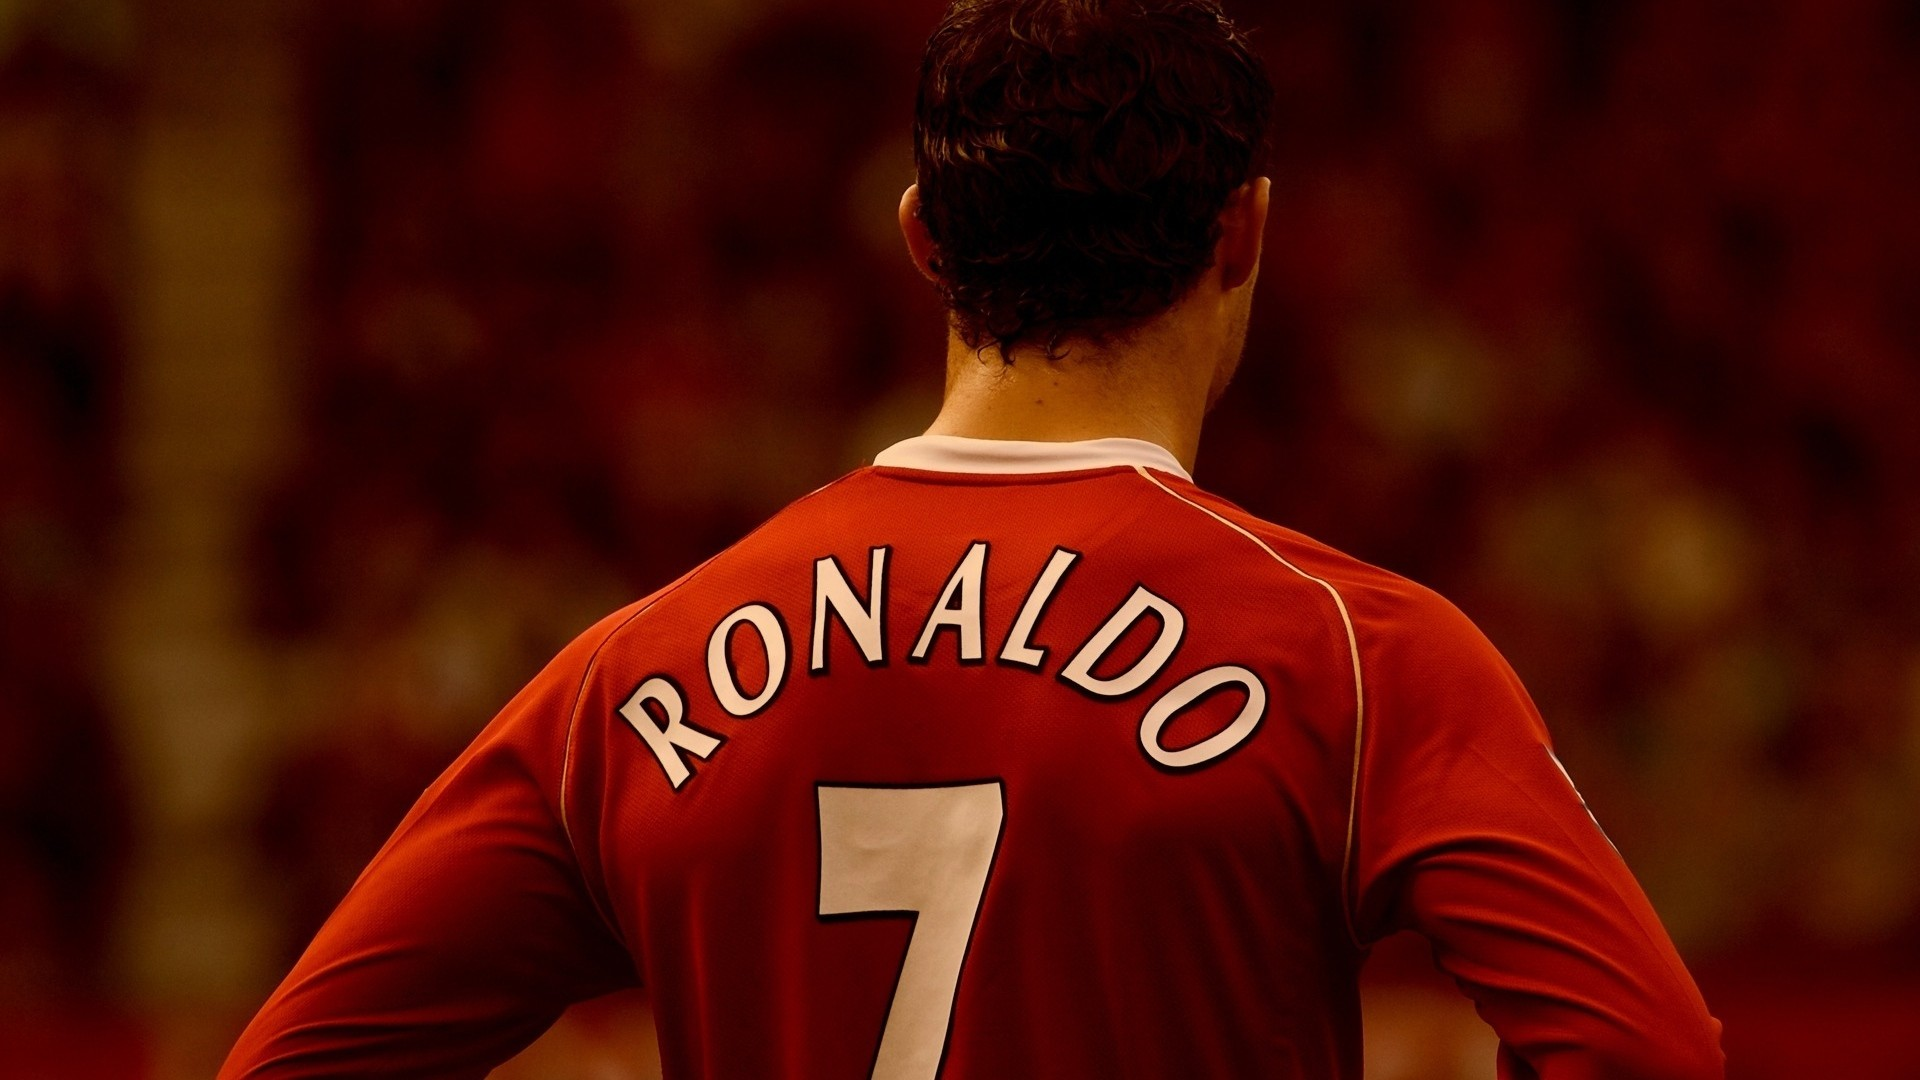 132 Cristiano Ronaldo Wallpaper 1080p